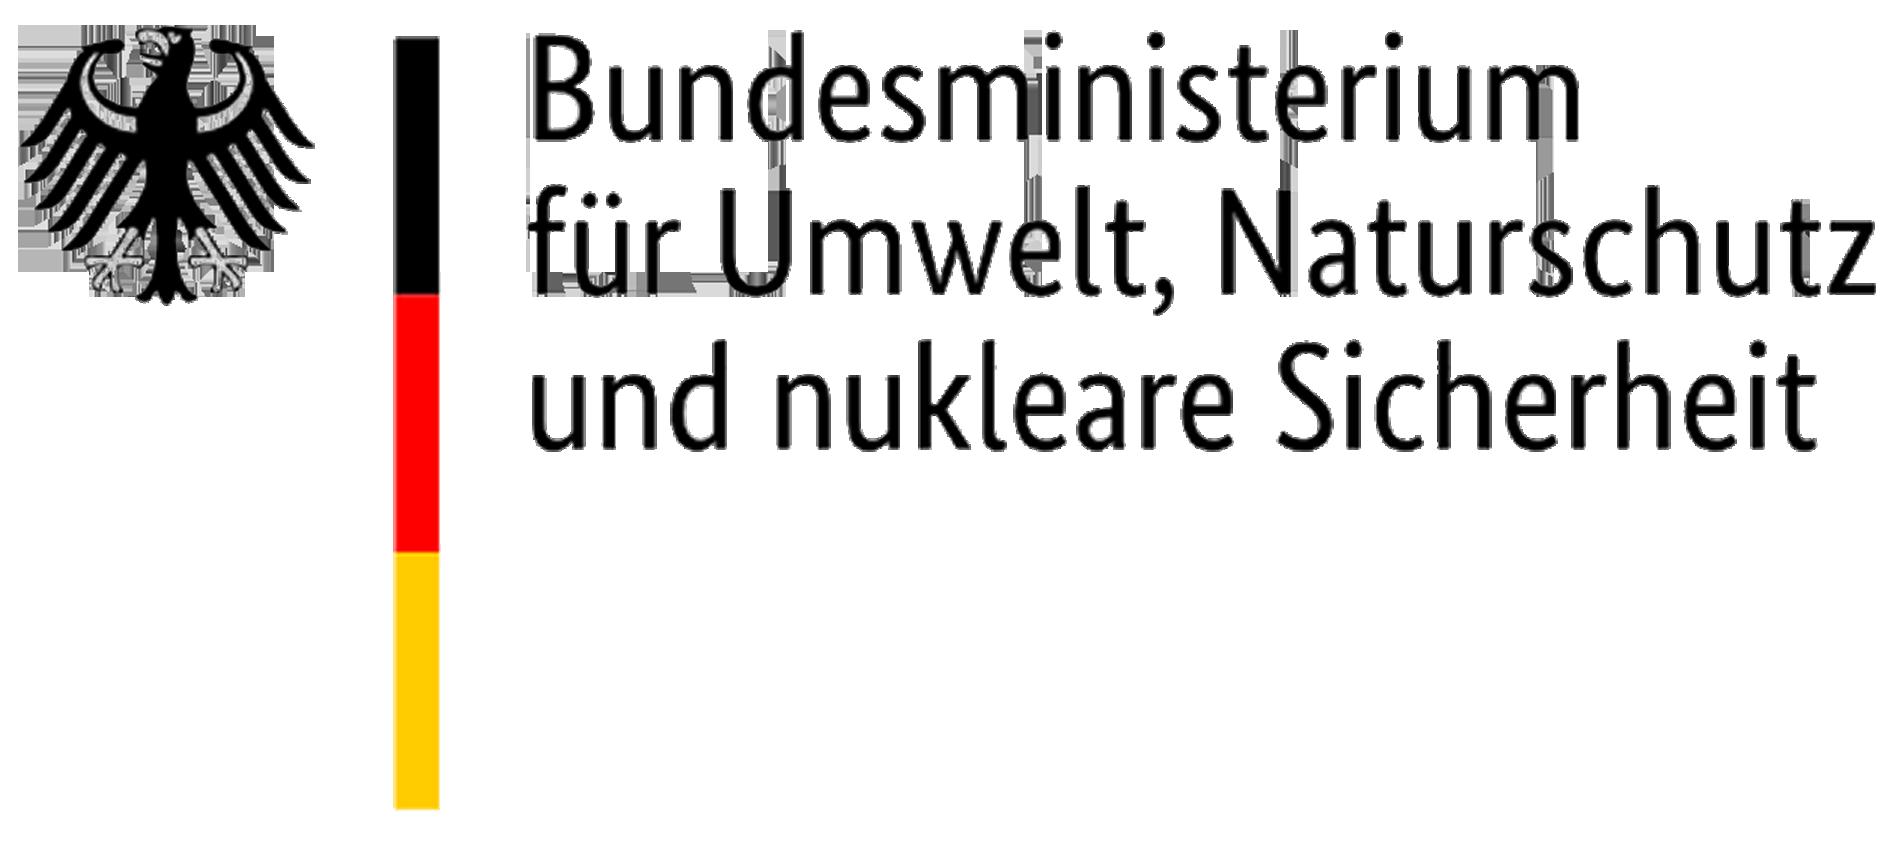 Bundesministerium für Umwelt, Naturschutz und nukleare Sicherheit (BMU)